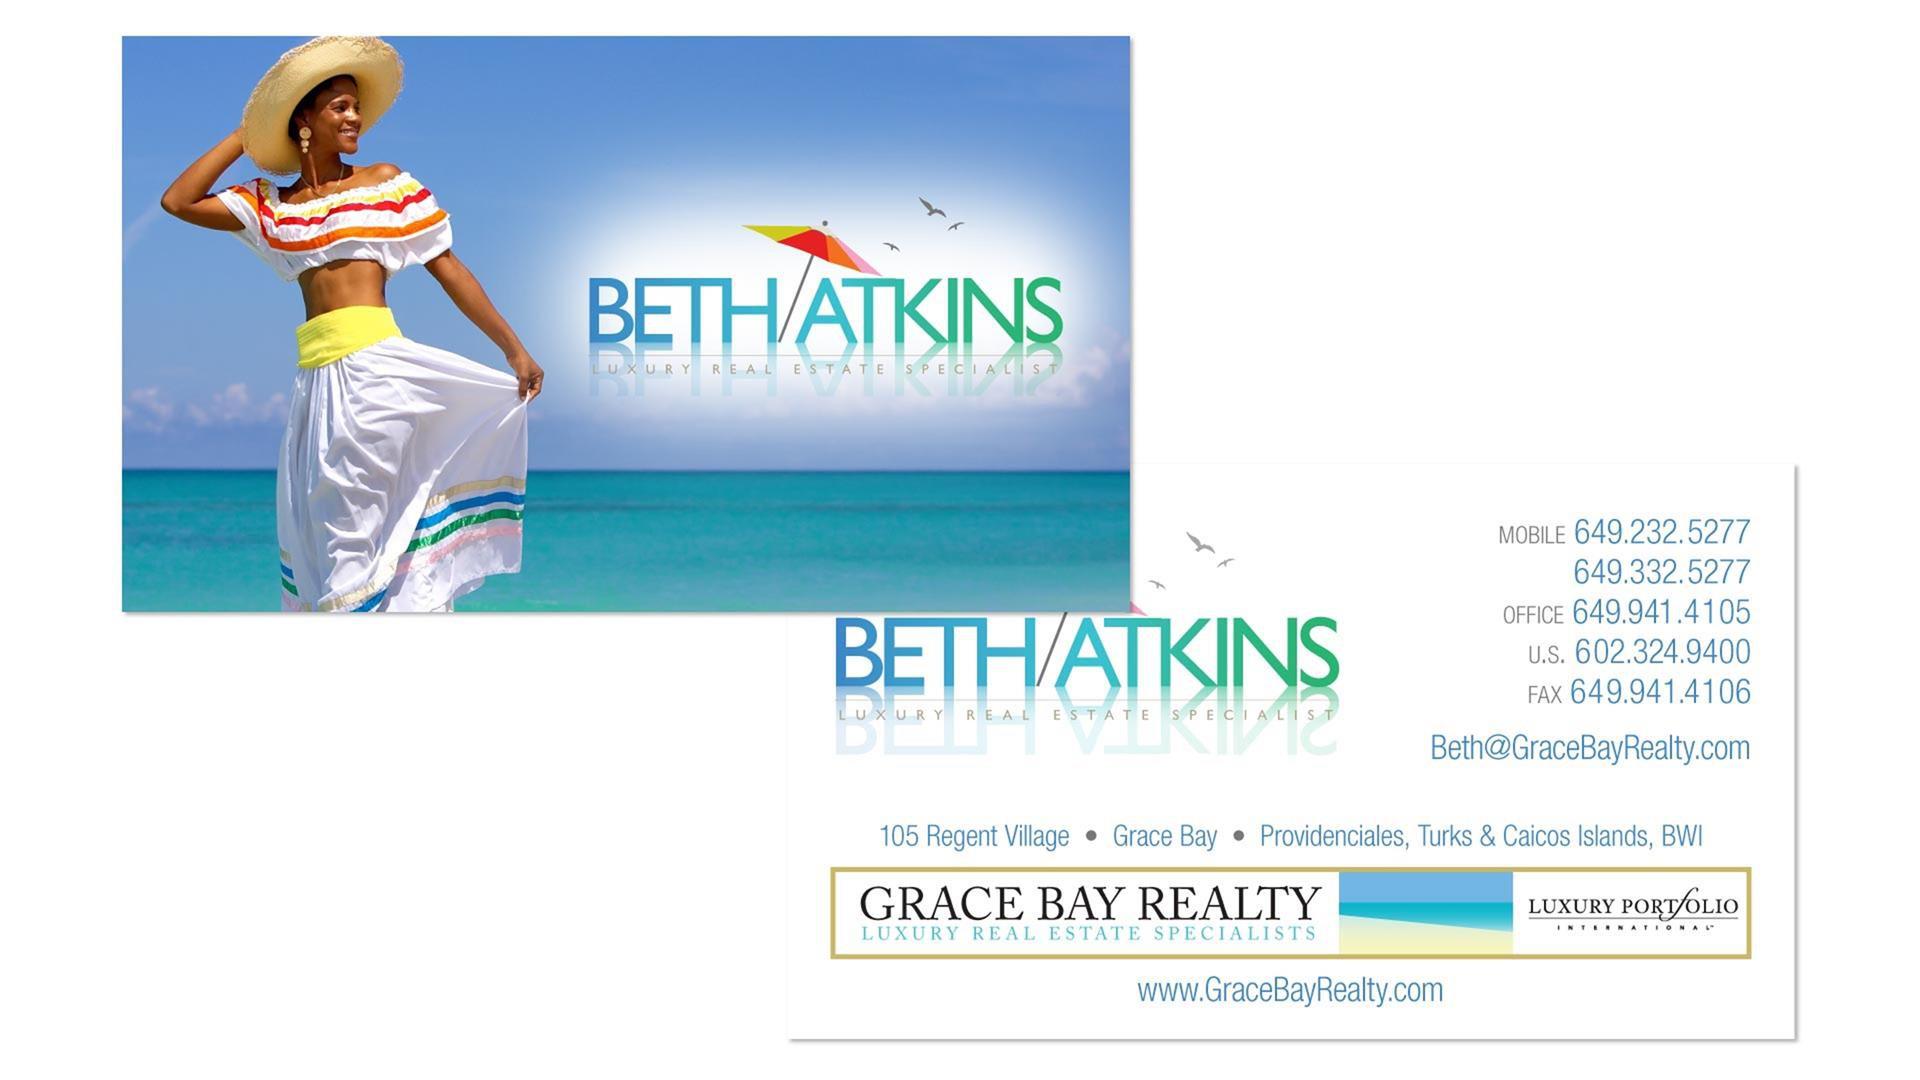 BethAtkins